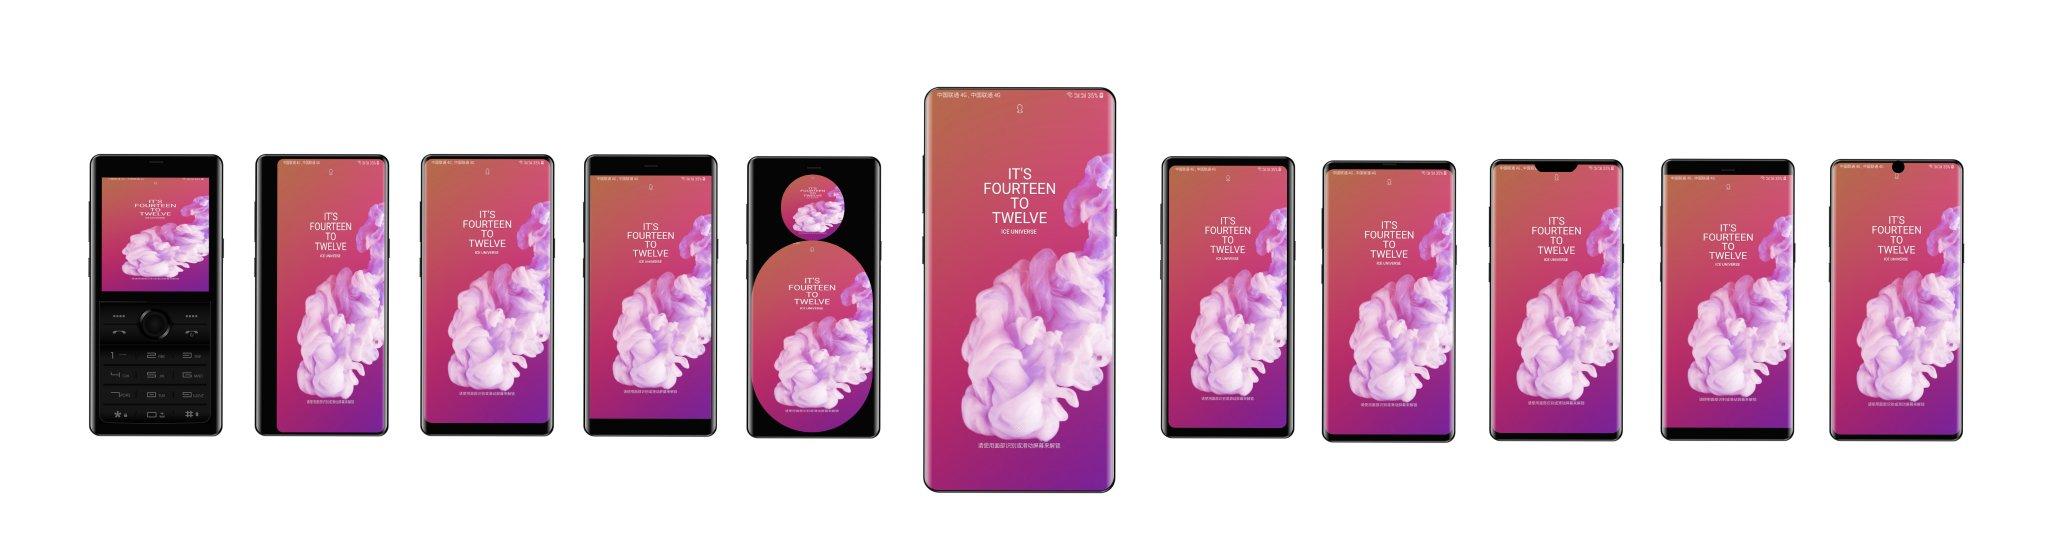 Smartphone Evolutia UIMITOARE Ecrane ani 349939 1